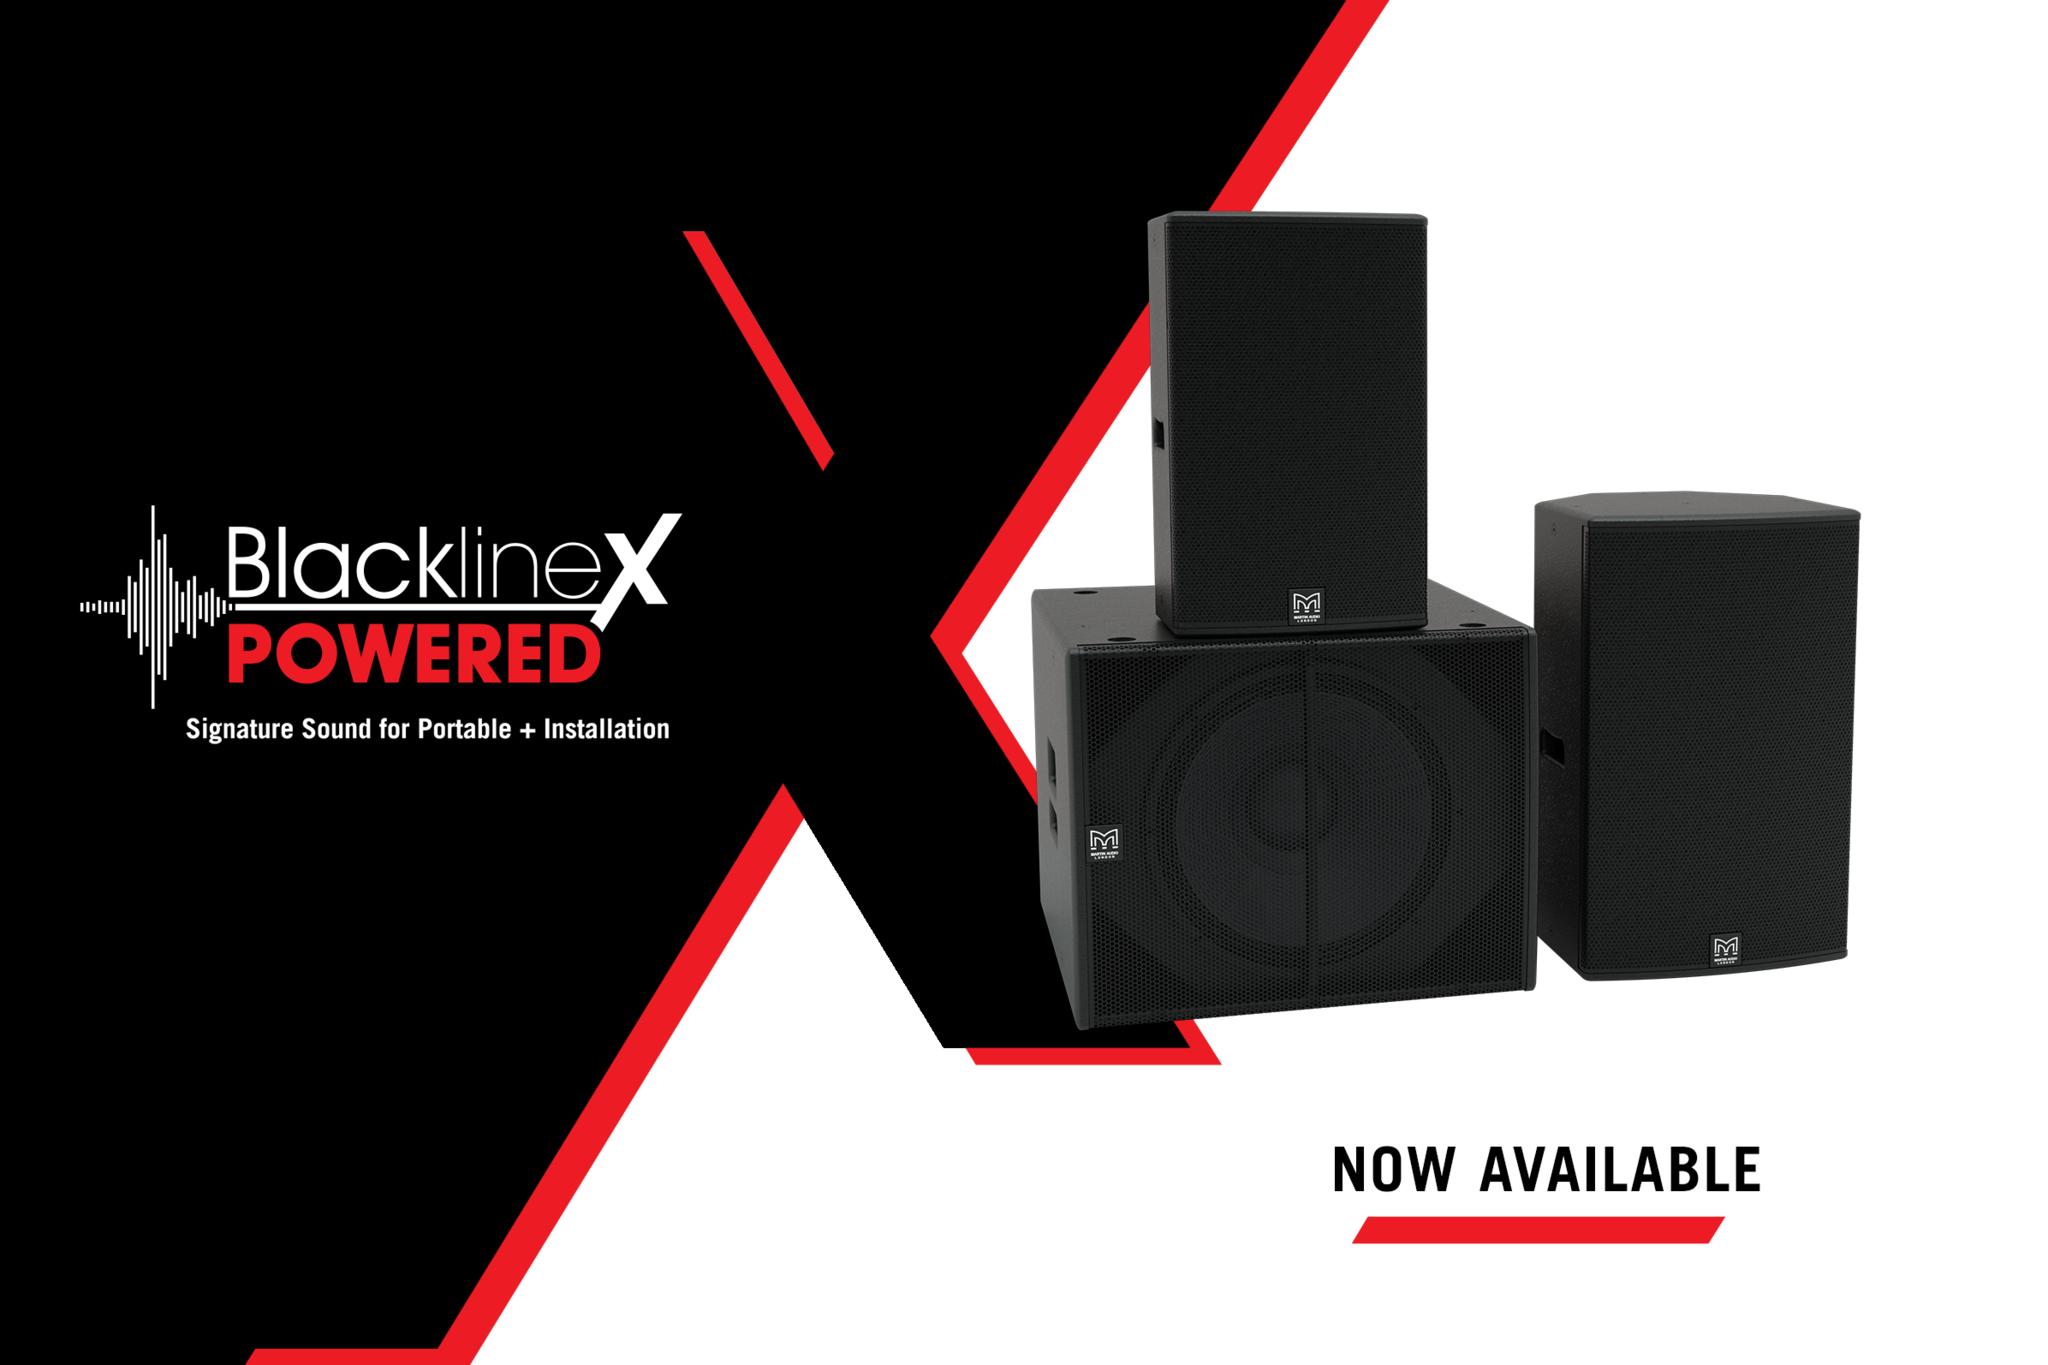 Martin Audio добавляет новый продукт в самый продаваемый модельный ряд портативной акустики компании - BlacklineX Powered